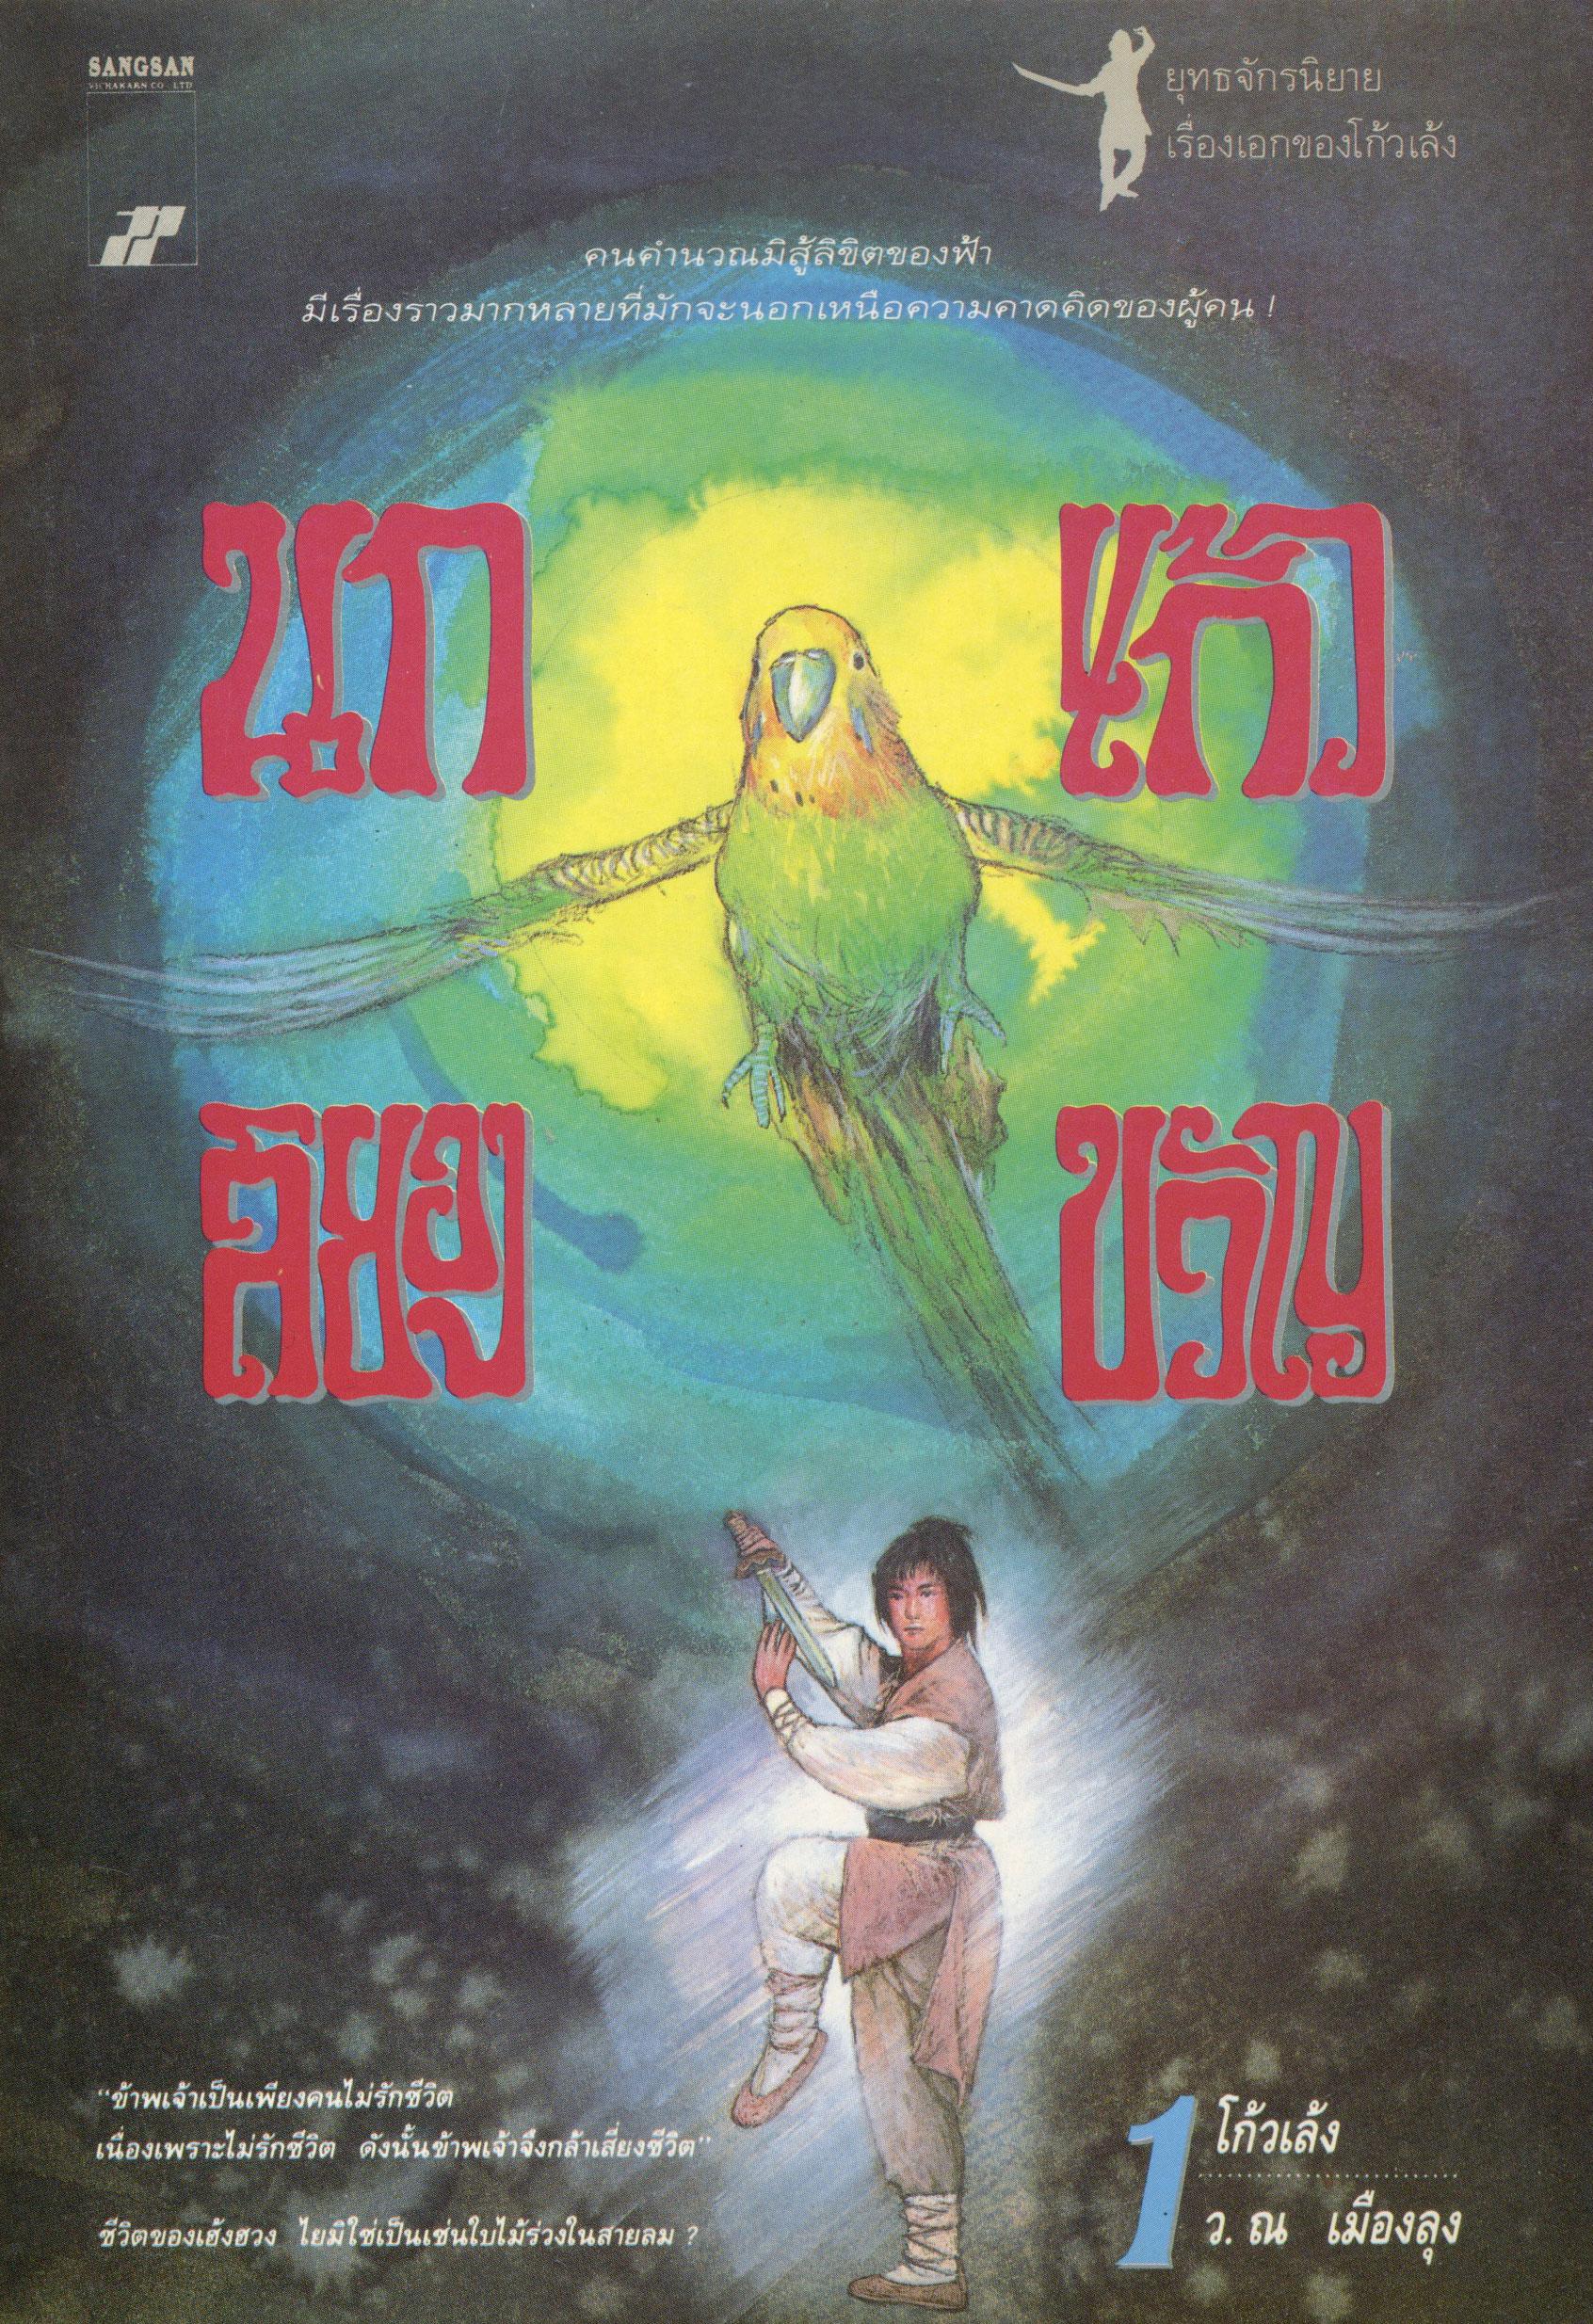 นกแก้วสยองขวัญ (2 เล่มจบ) [รอจัดพิมพ์ใหม่]